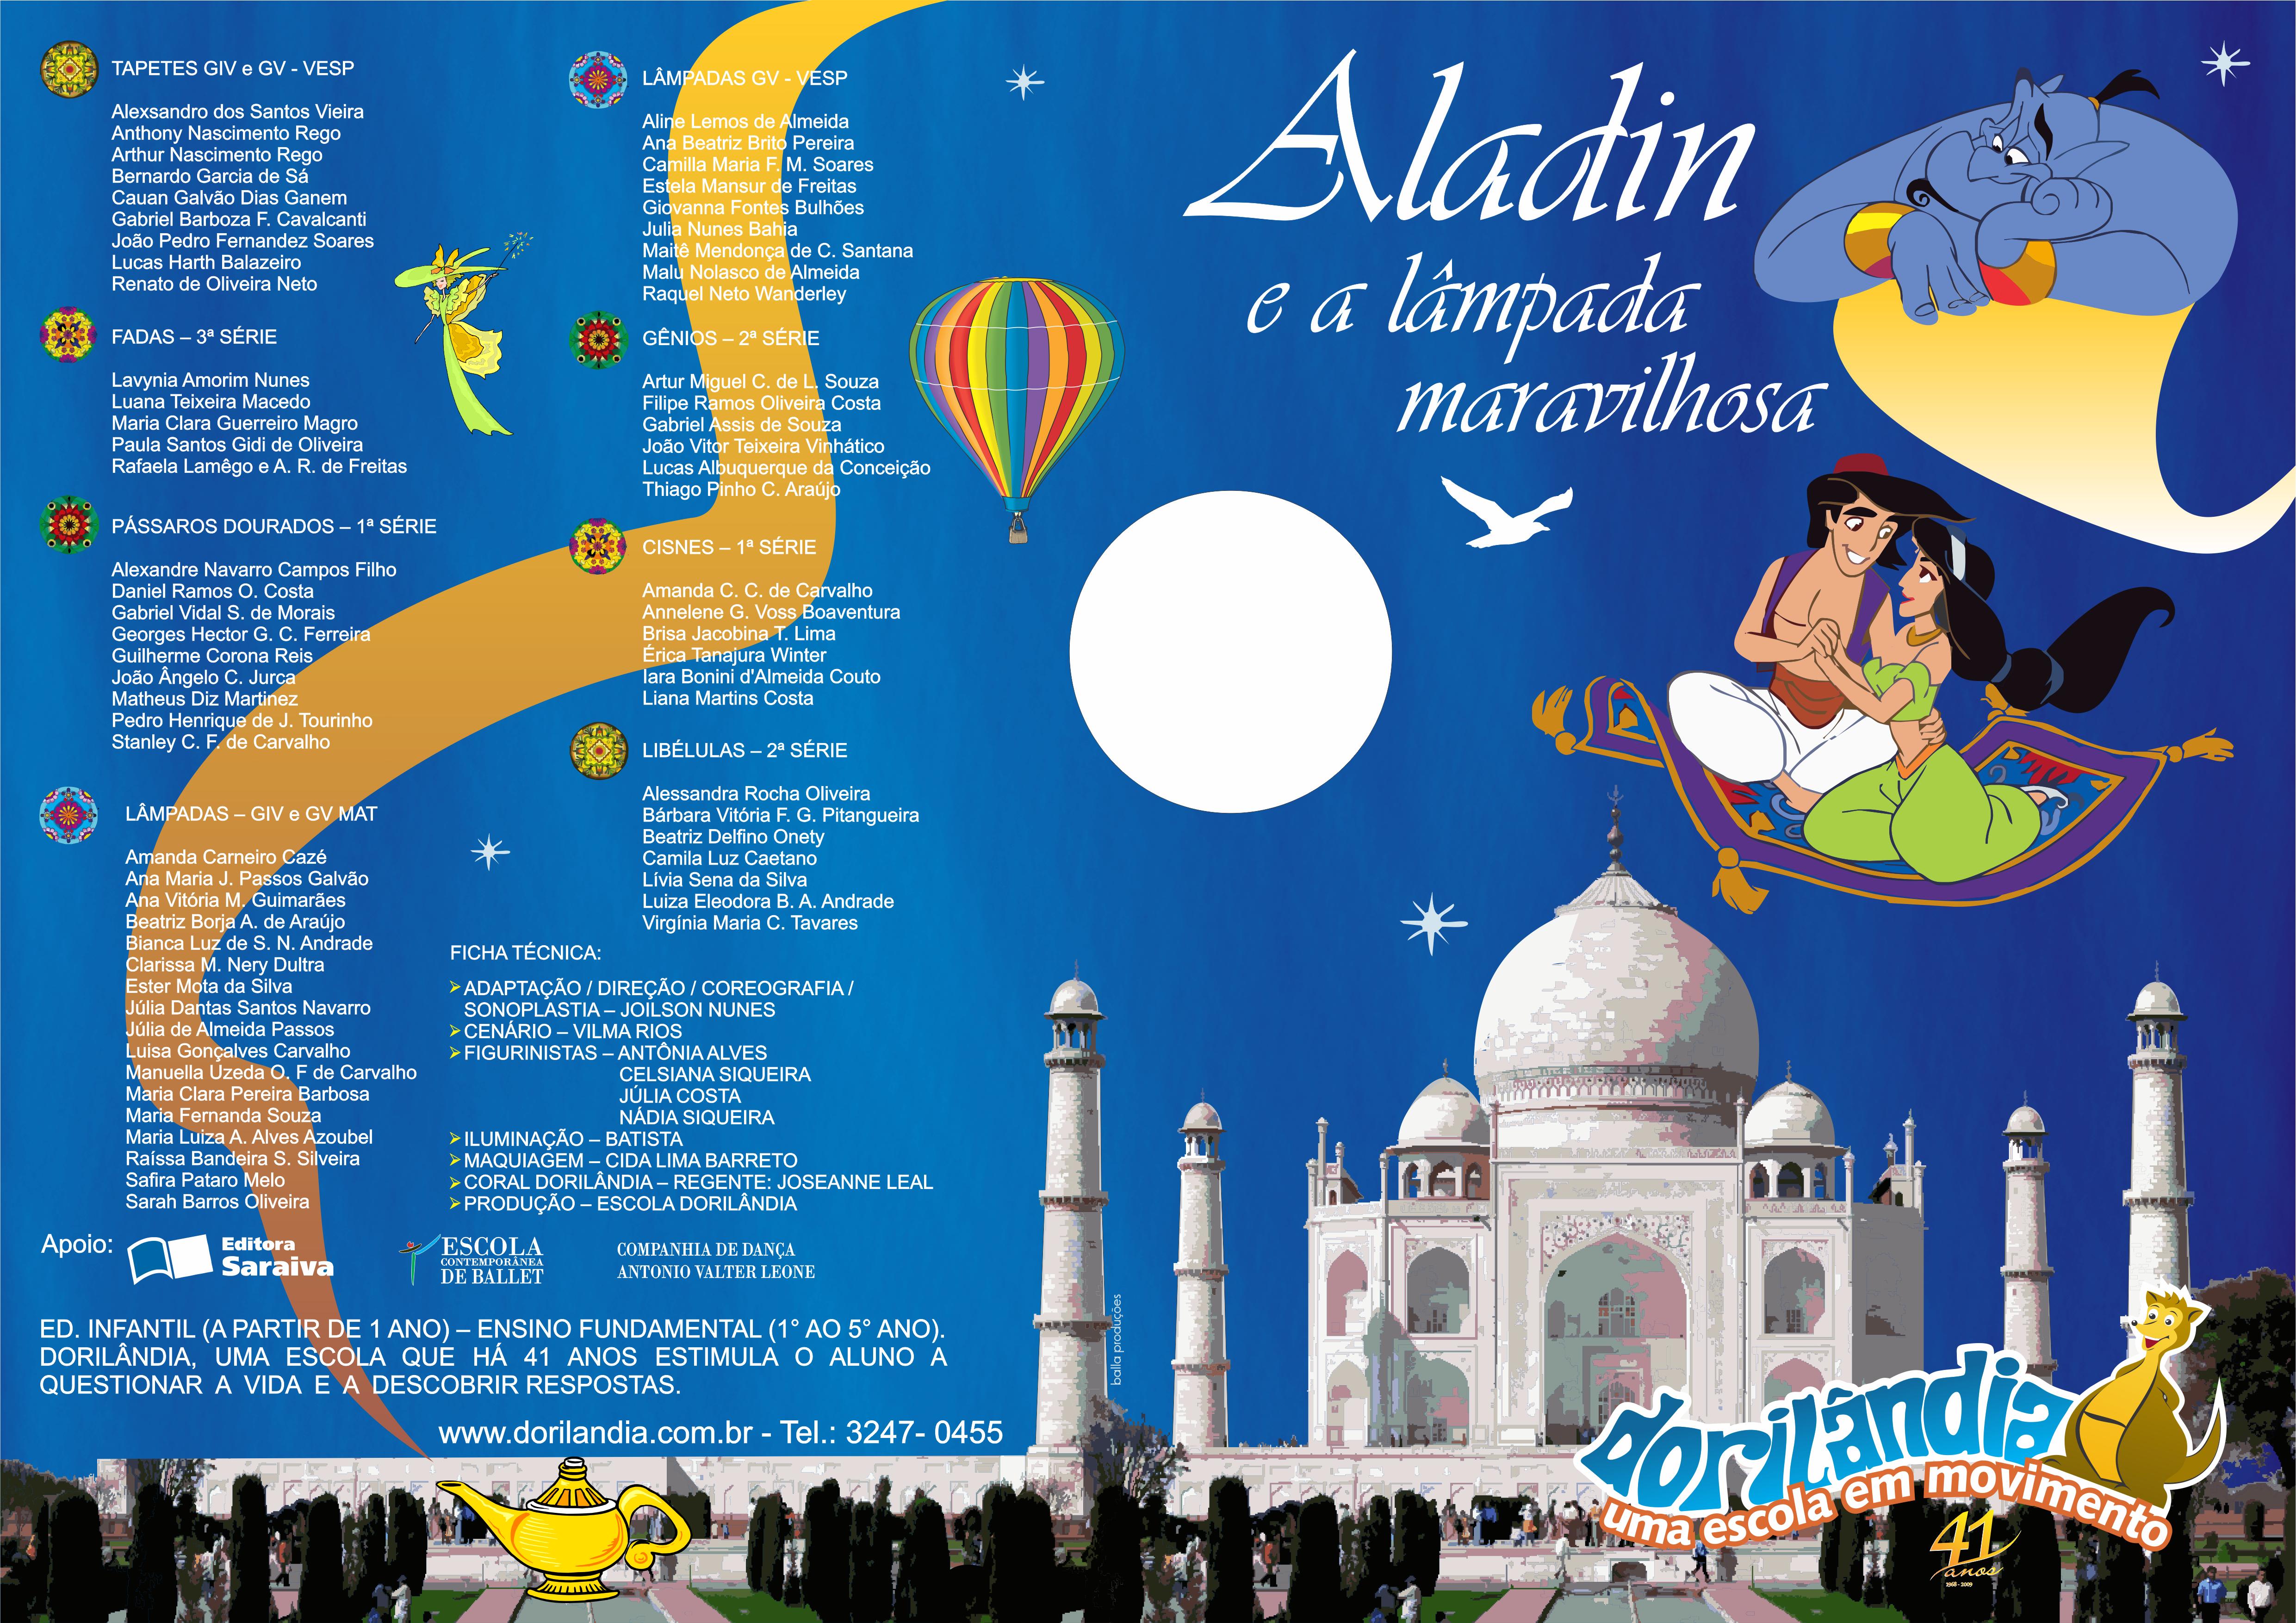 Teatro Aladin - Escola Dorilândia